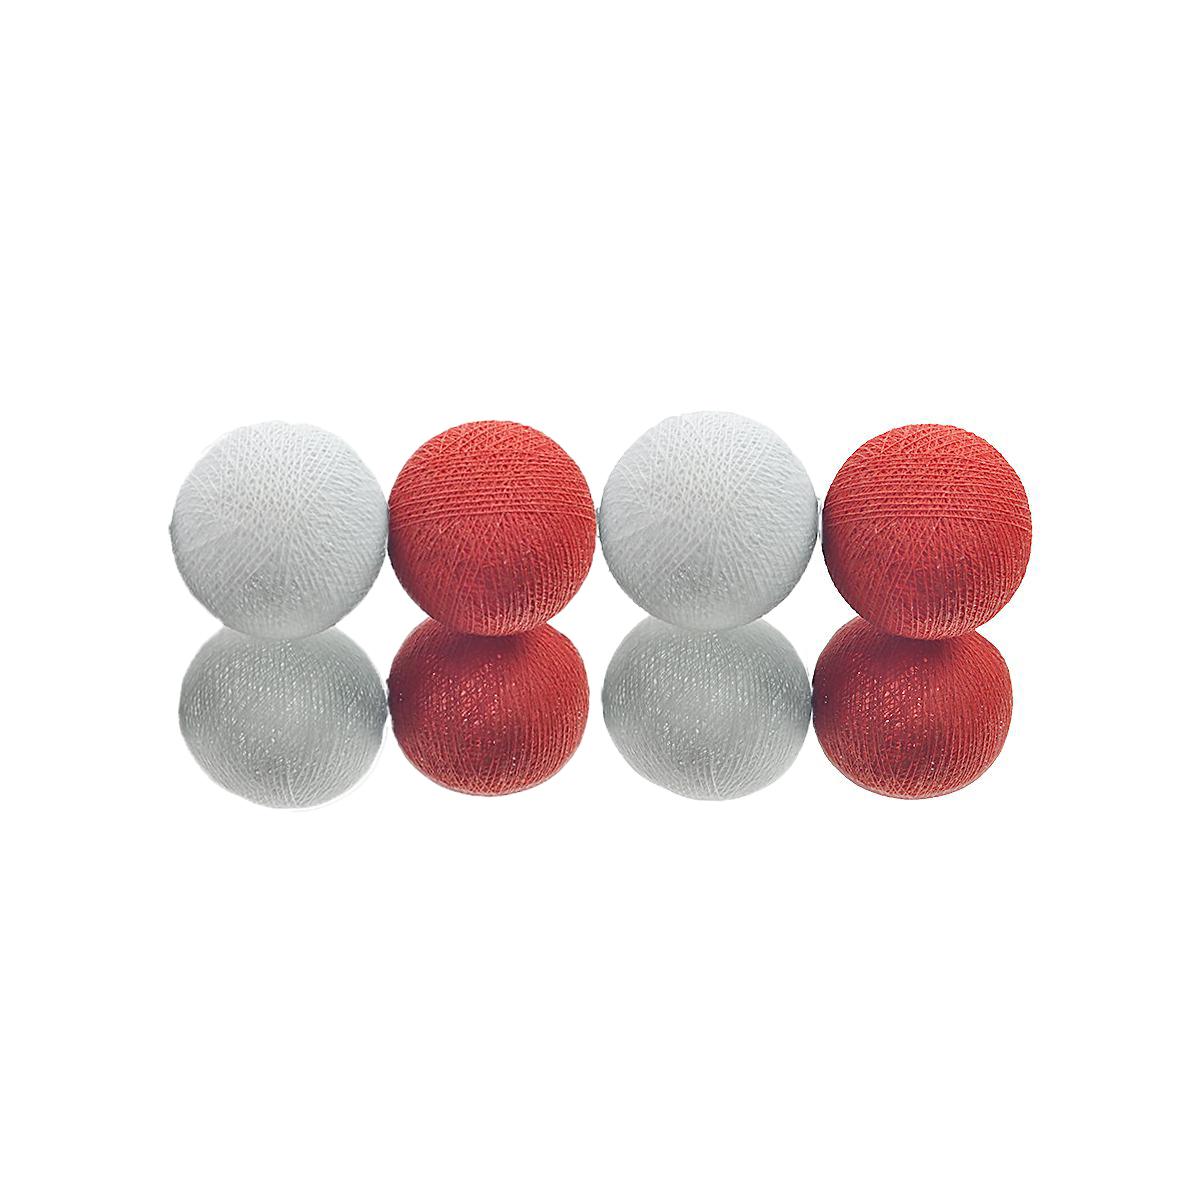 d5060cad0 Cordão de luz A PILHA 20 bolas Branco Tu no Elo7